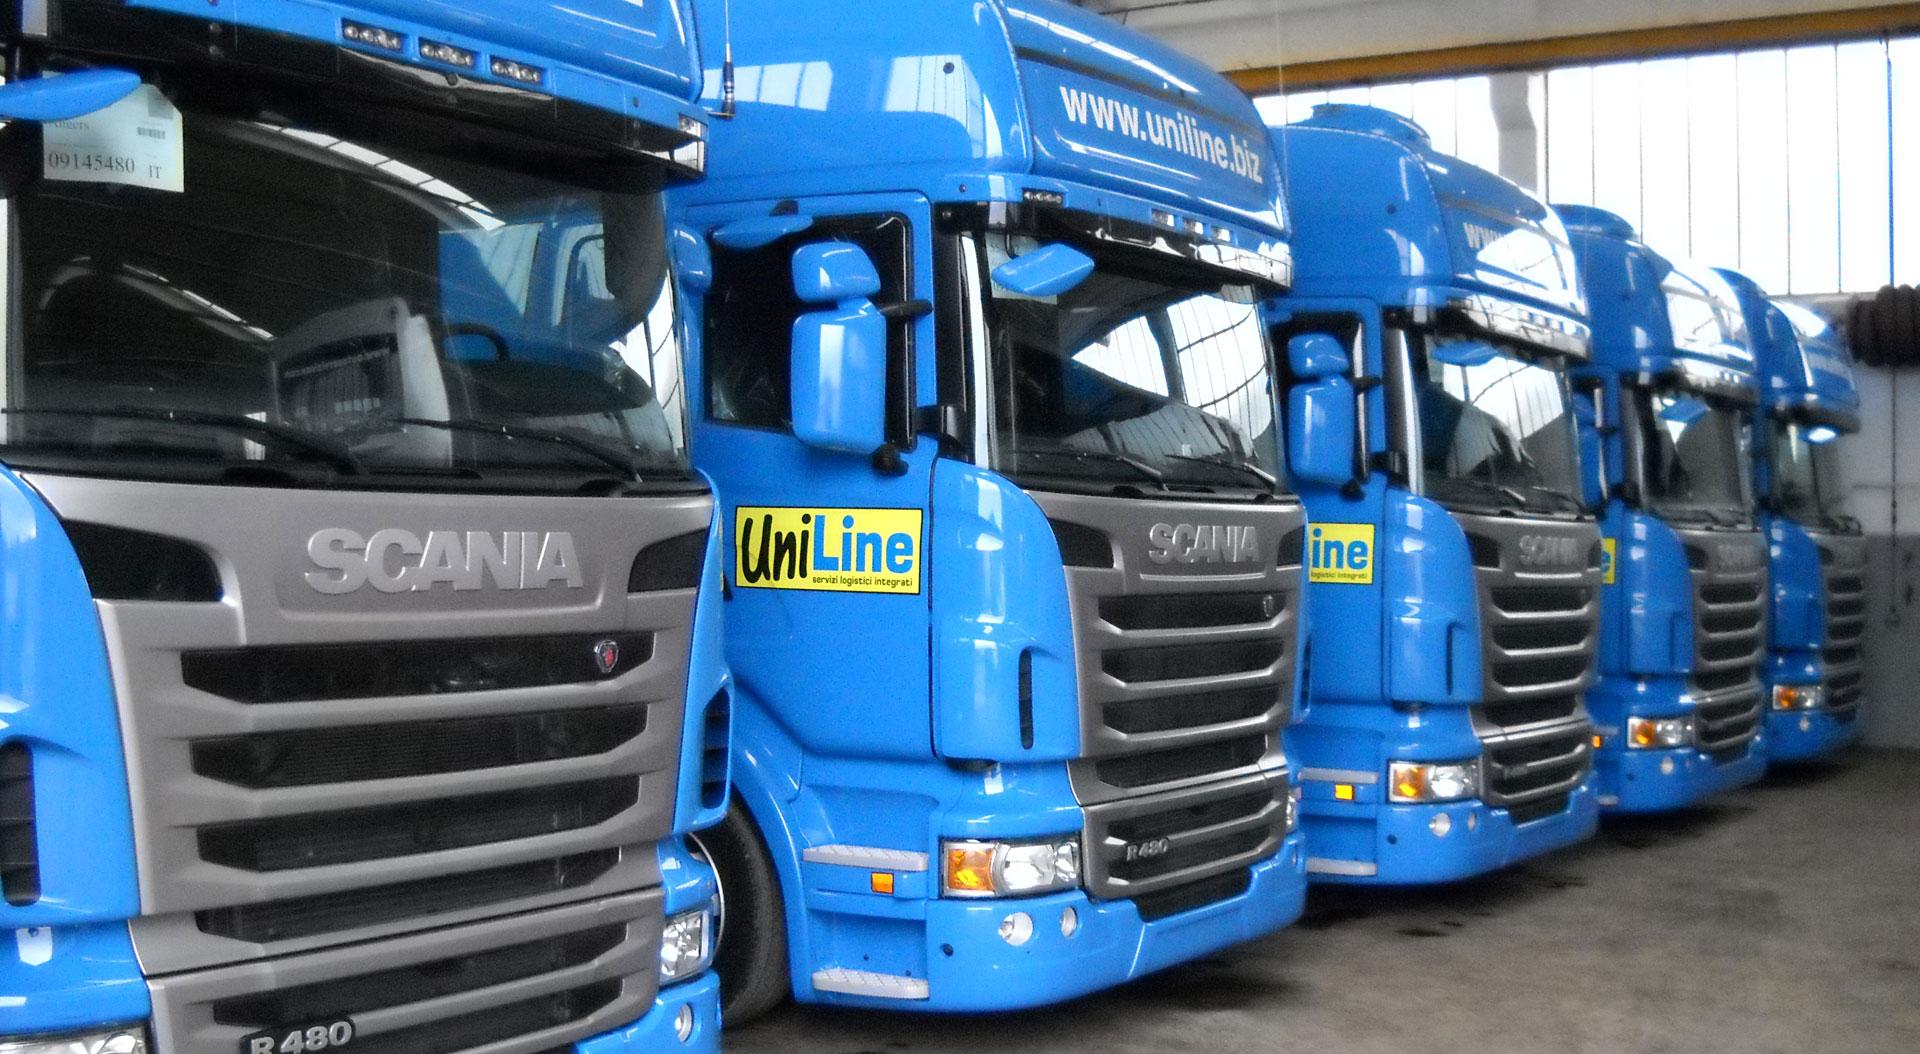 Trasporti Uniline | Servizi Logistici Integrati